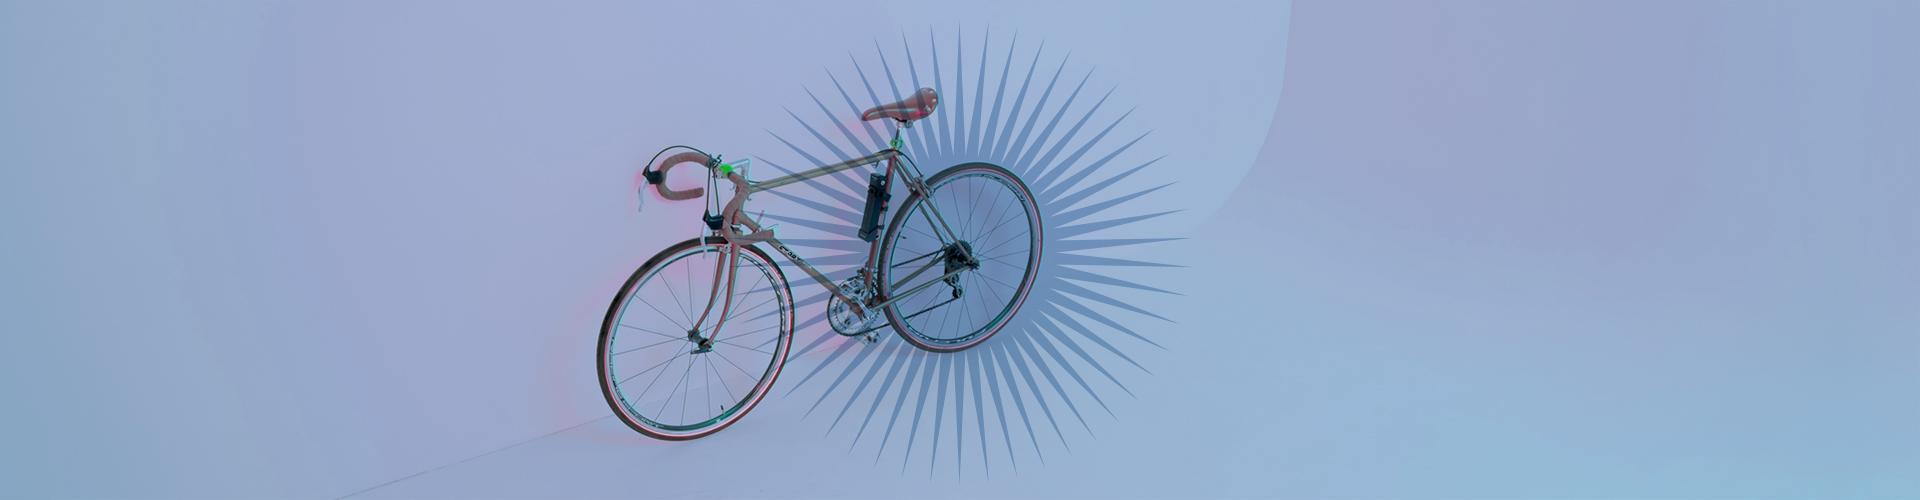 verschiedene Fahrradtypen